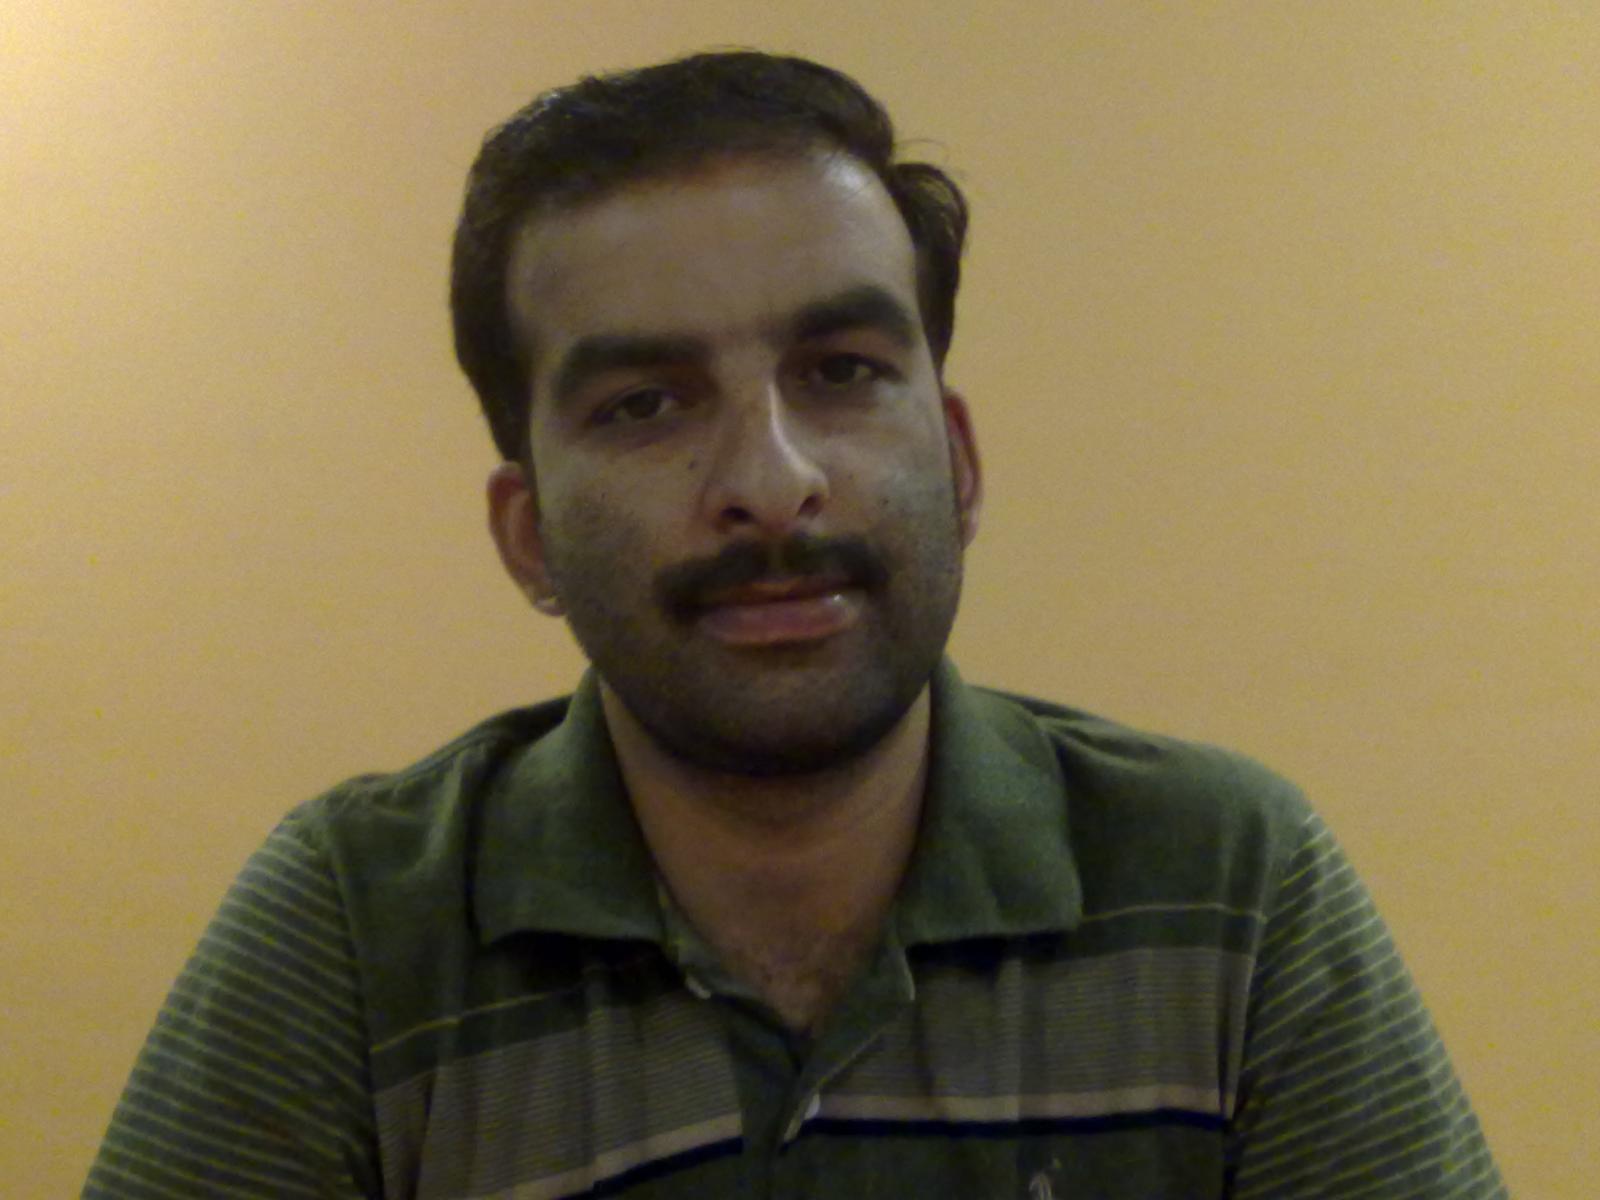 Muhammad_Ishaq_